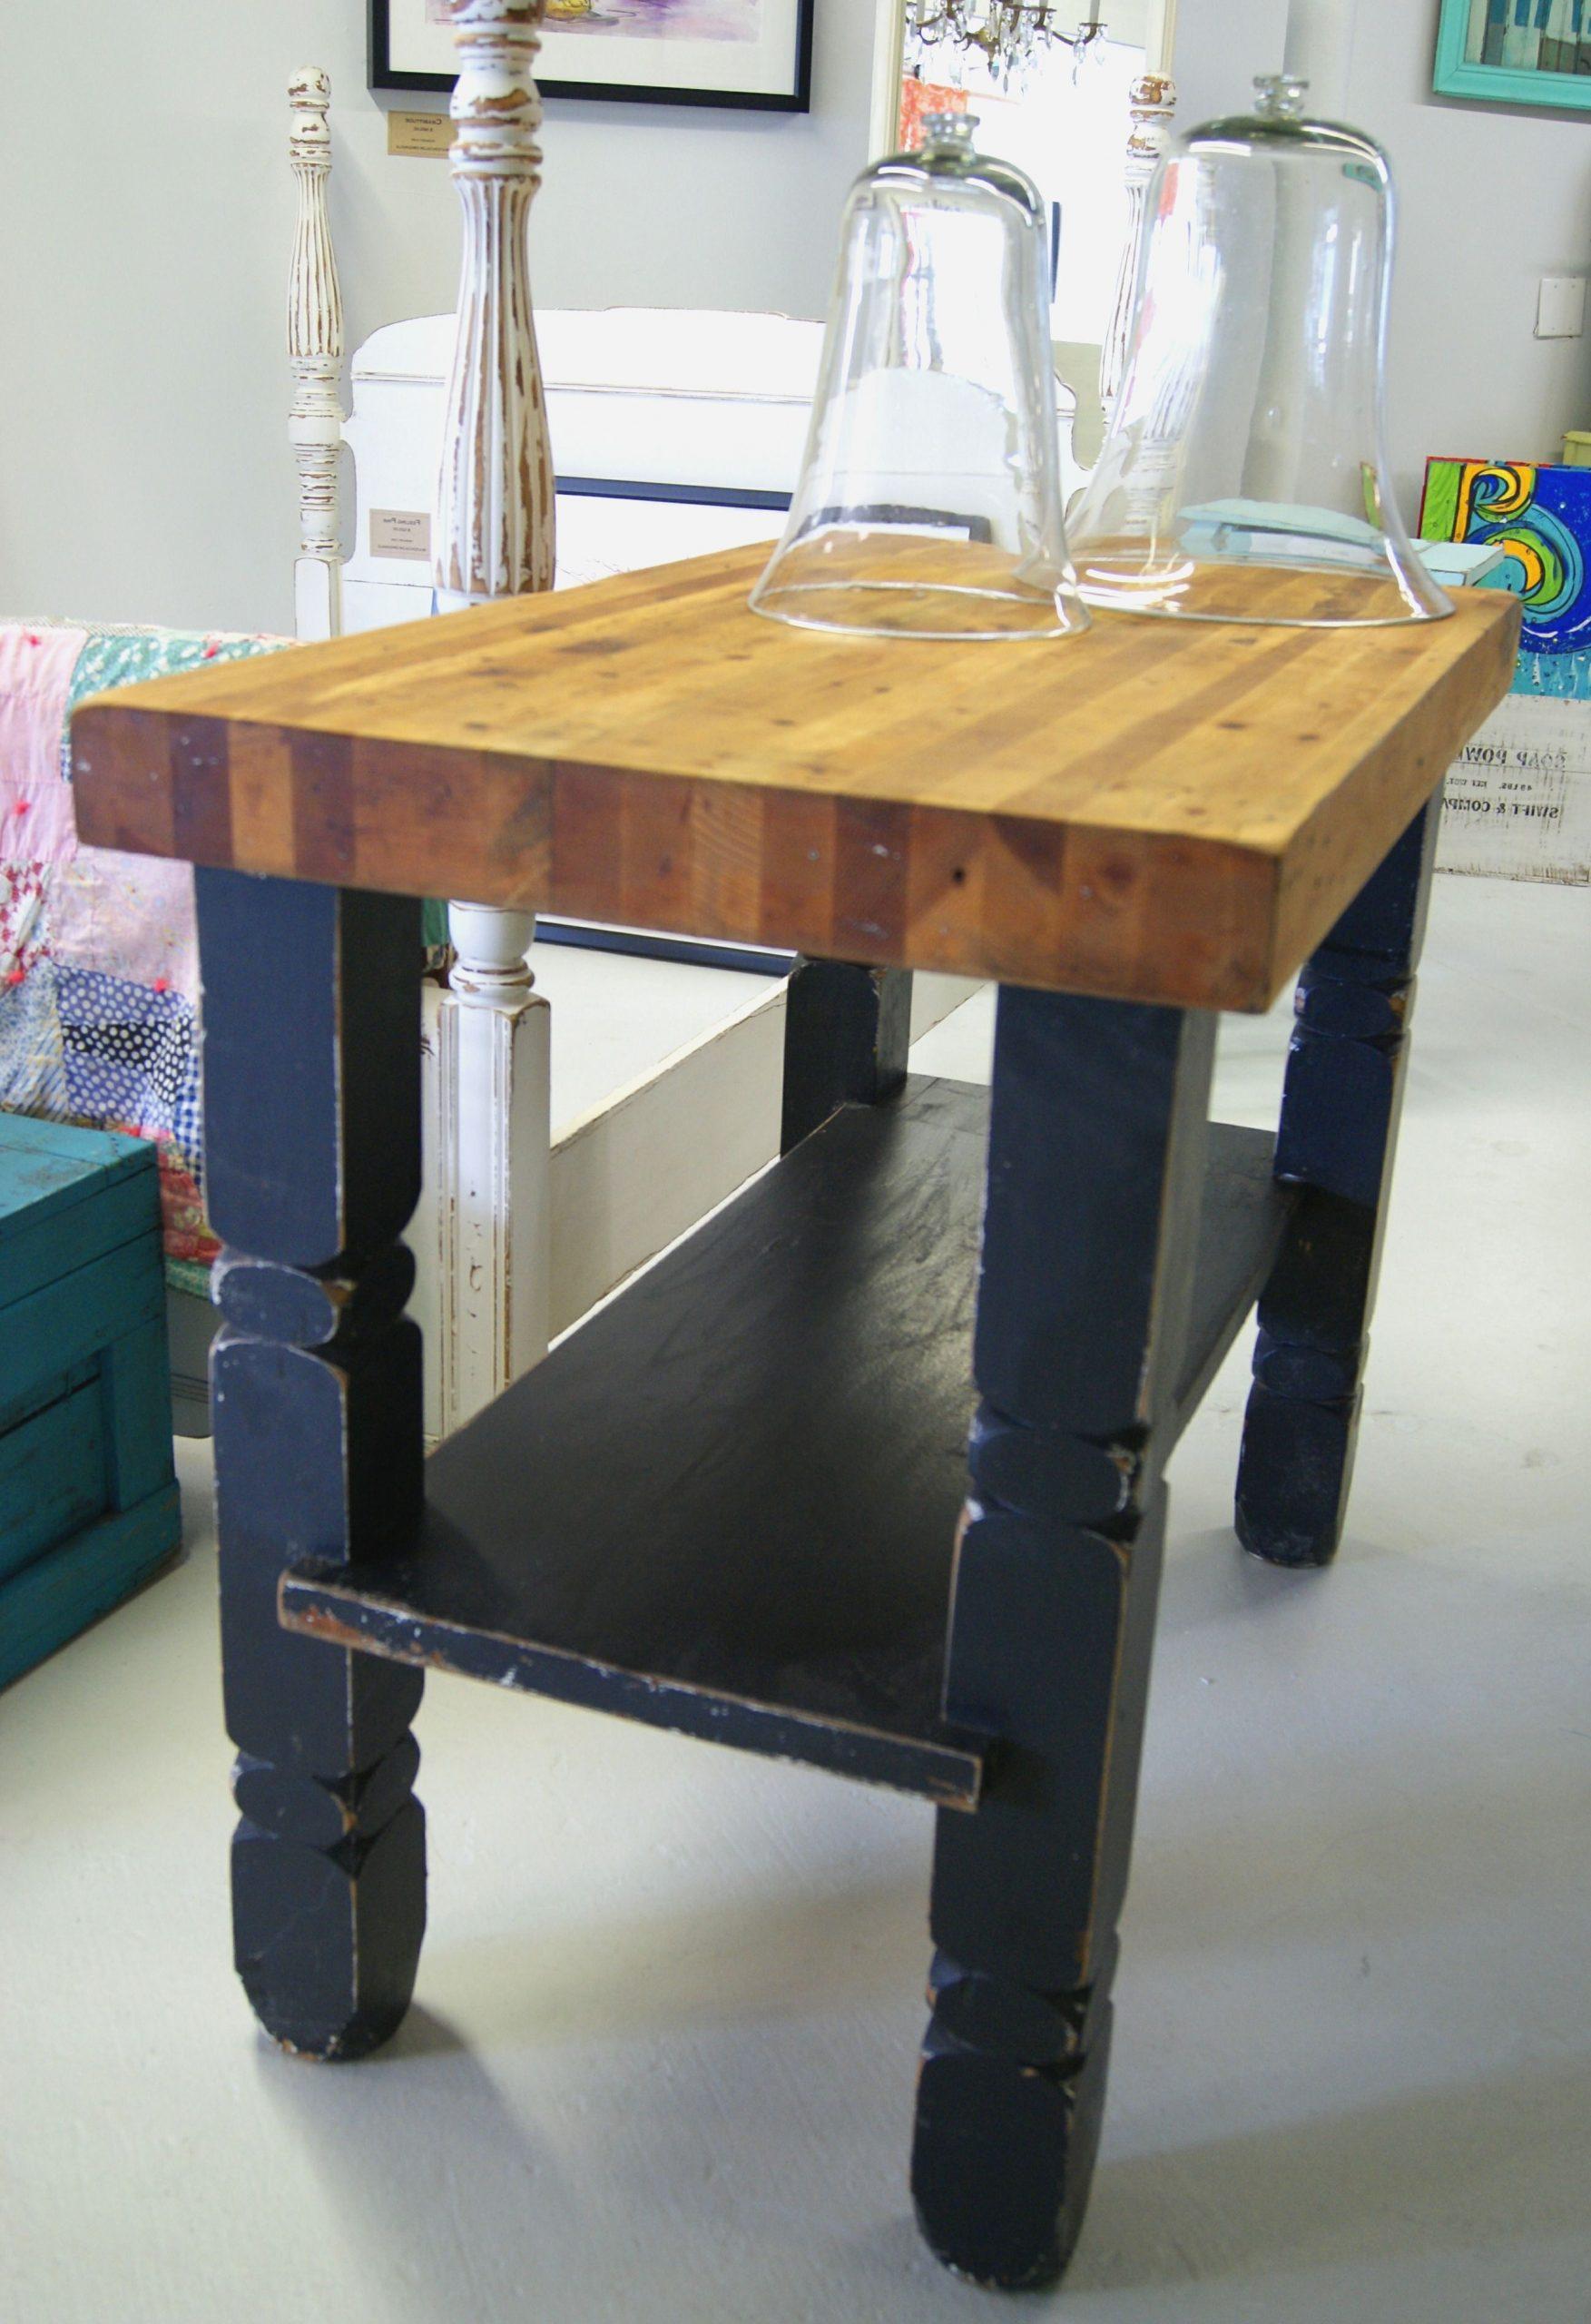 Metzger Block Arbeitsplatte Küche Block Tabelle Verwendet, Metzger Block Küche…